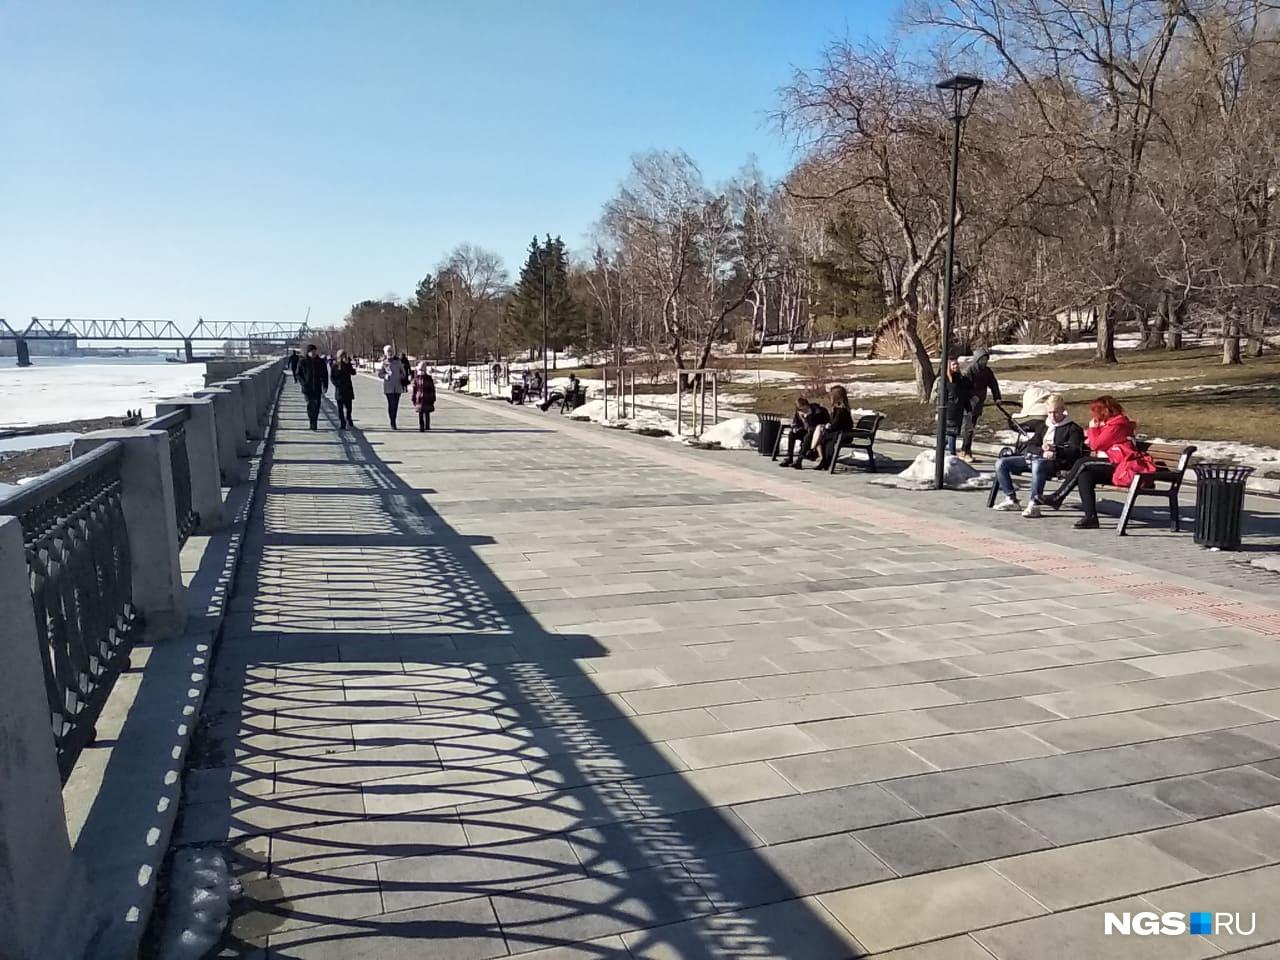 Немного идиллии на Михайловской набережной. Кажется, новости о постановлении Травникова ещё не дошли сюда